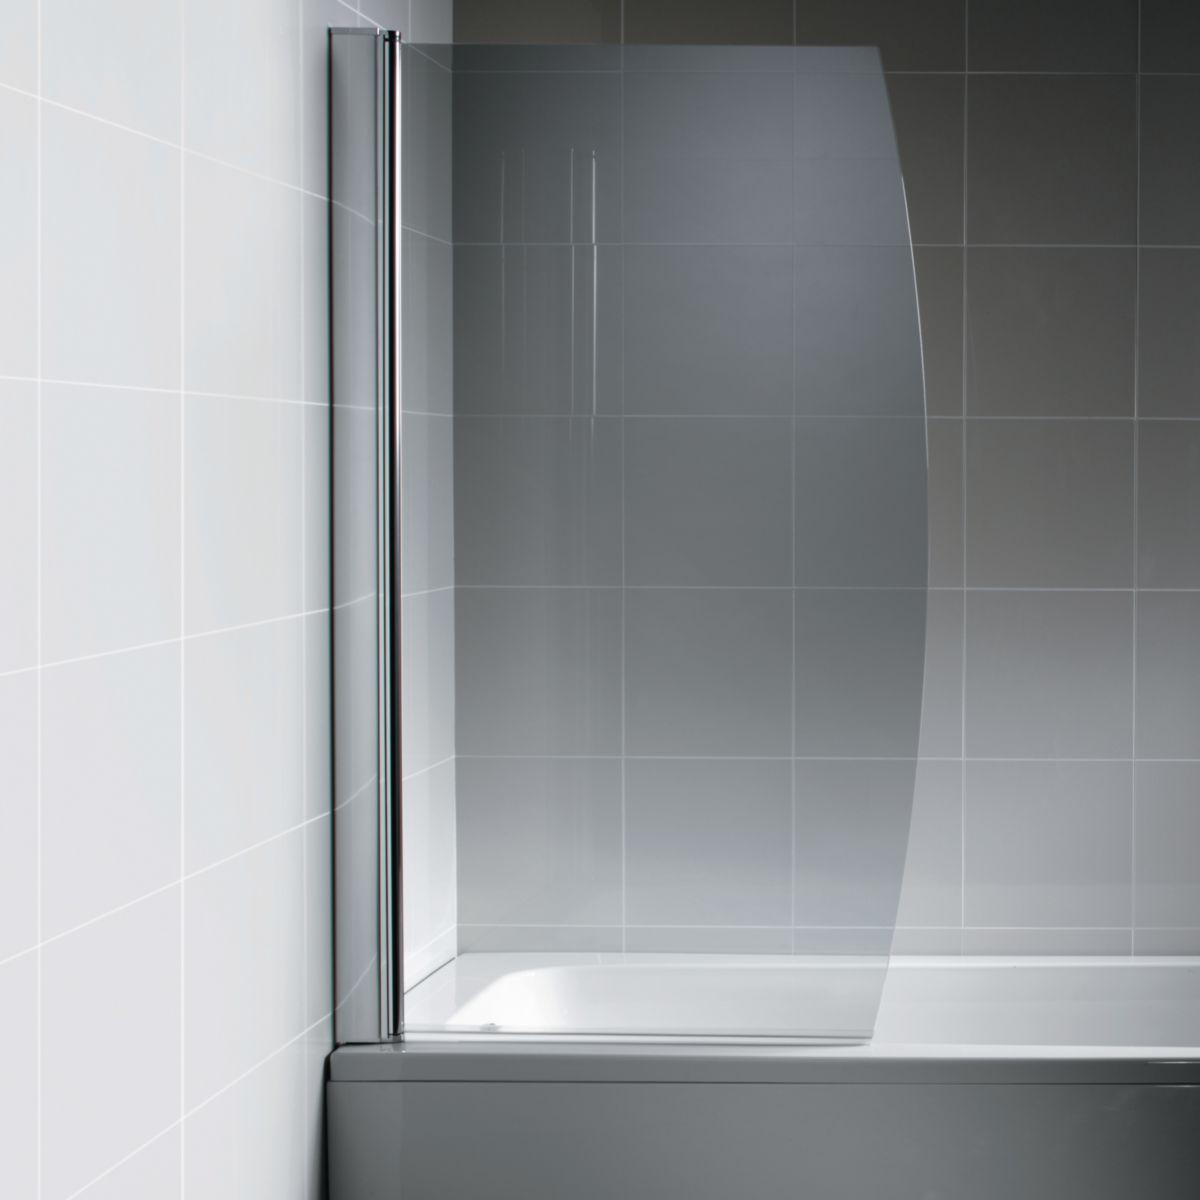 Salle De Bain Kramer ~ pare bain courbe connect paisseur du verre 6 mm r f l6211aa